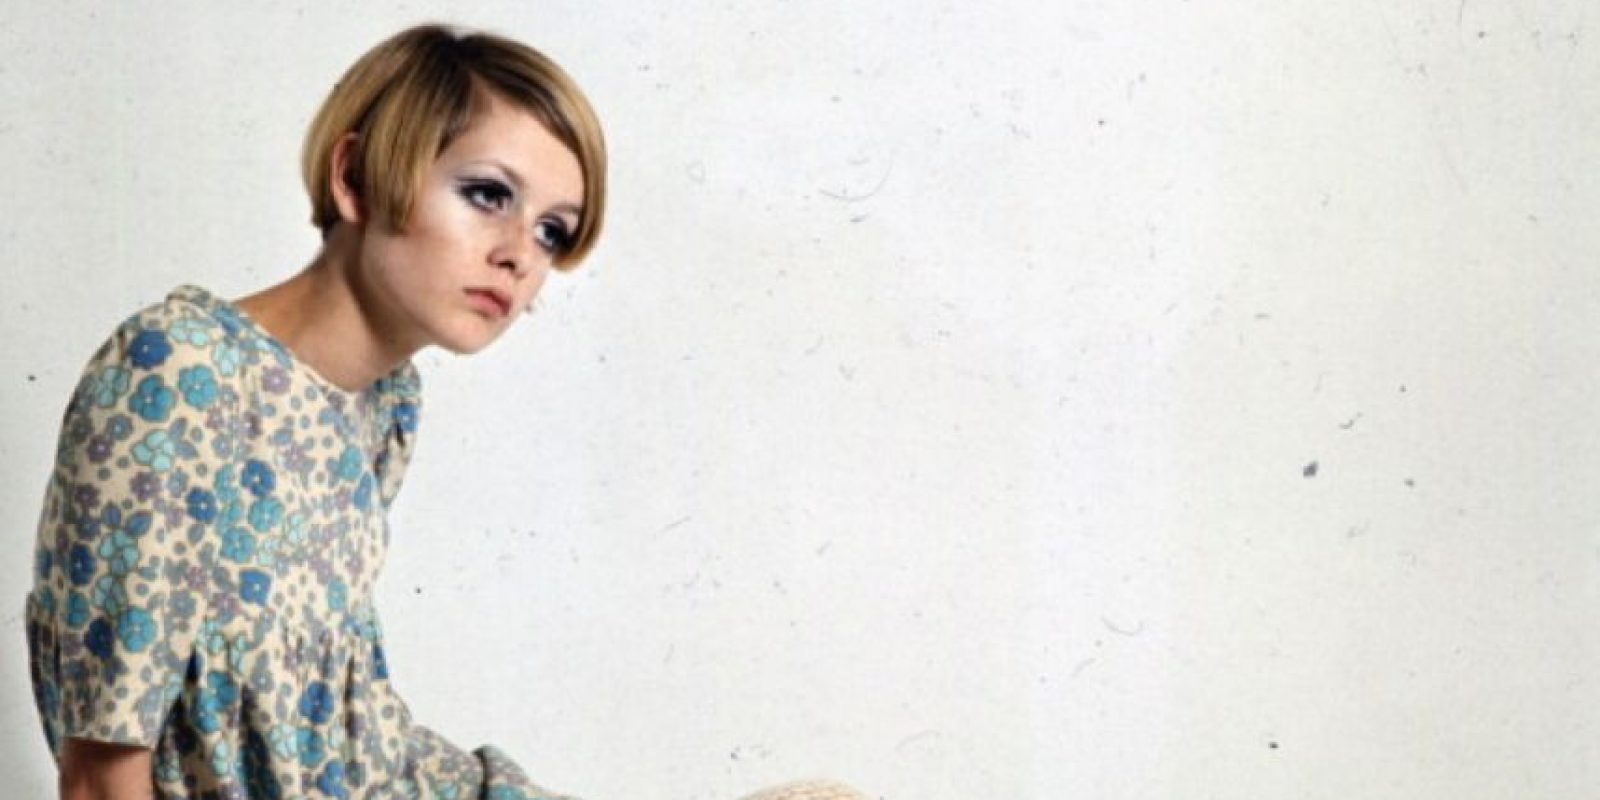 Twiggy llegó a grabar discos y a aparecer en series de televisión. Foto:vía Getty Images